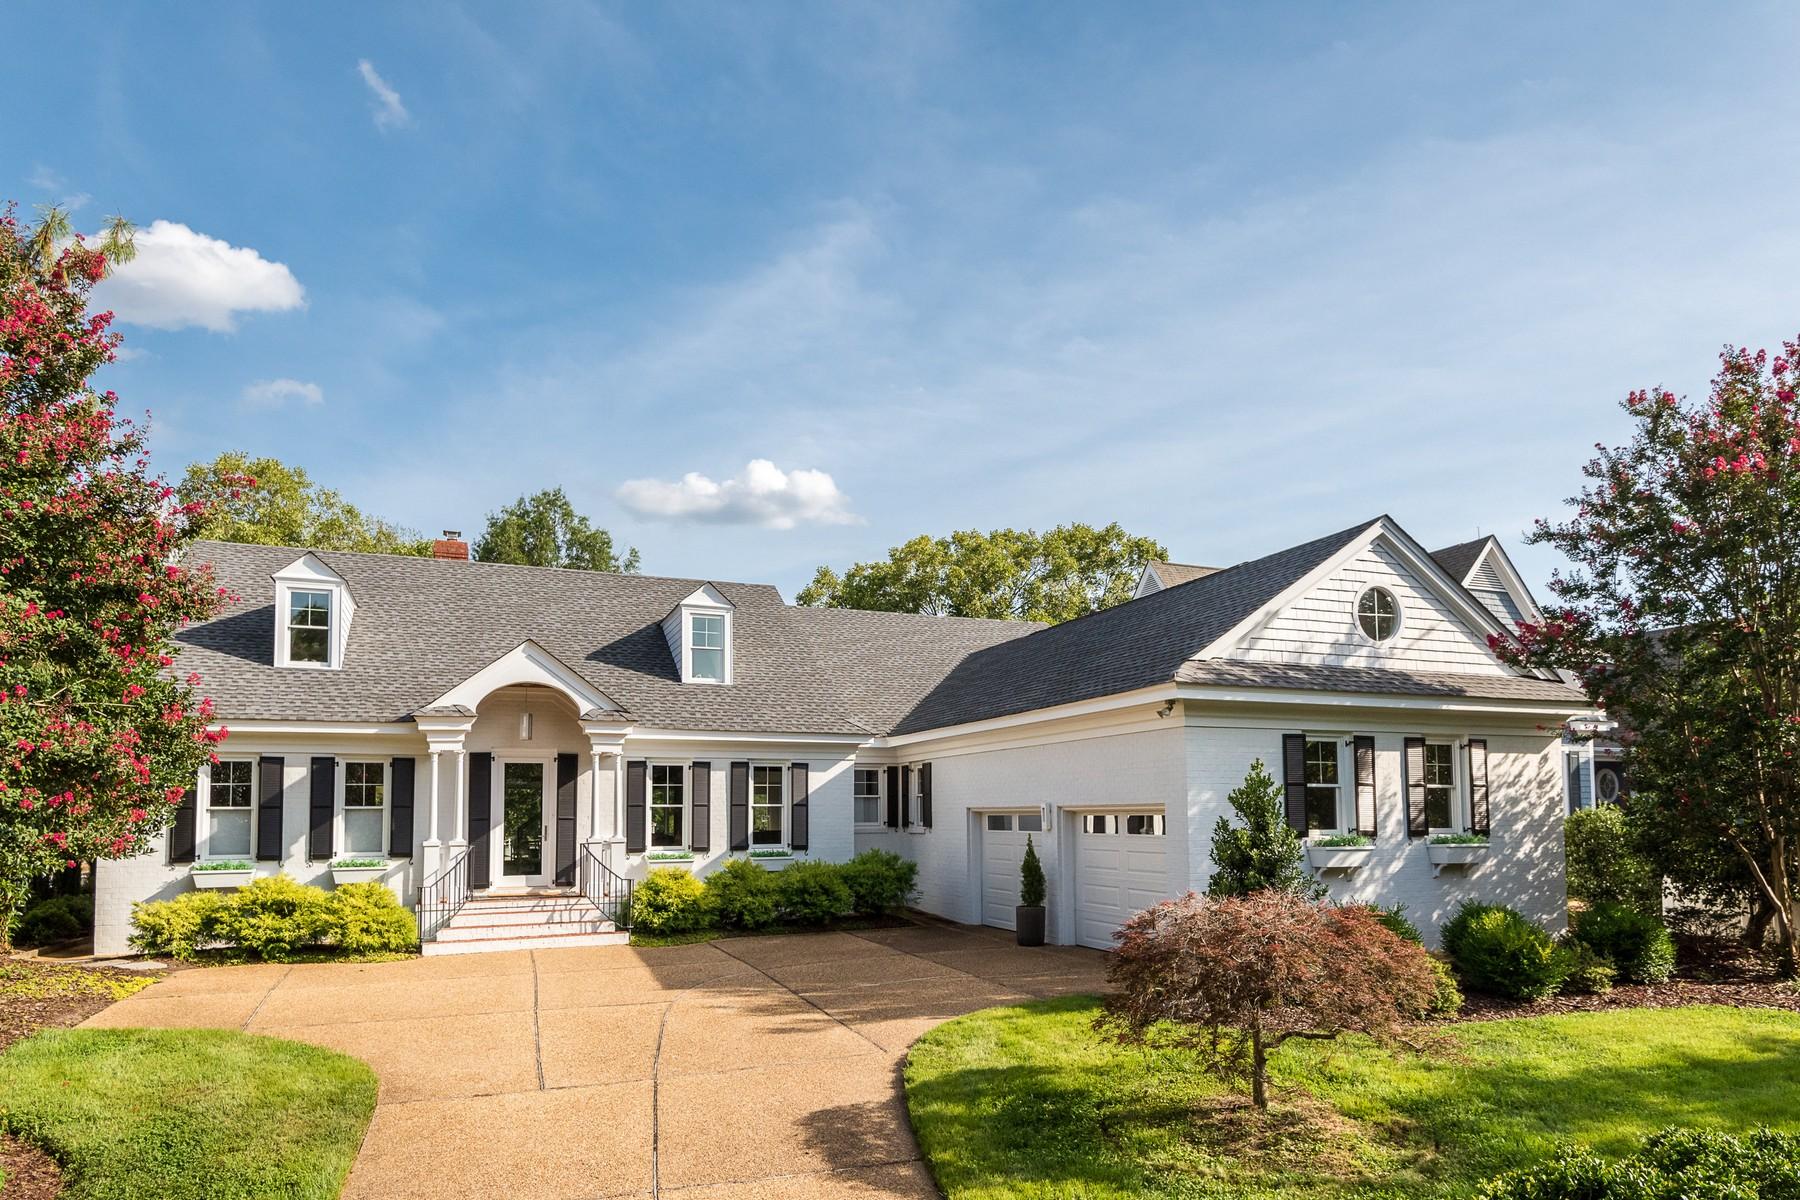 Single Family Homes por un Venta en 1592 Harbor Road, Governor's Land 1592 Harbor Road Williamsburg, Virginia 23185 Estados Unidos